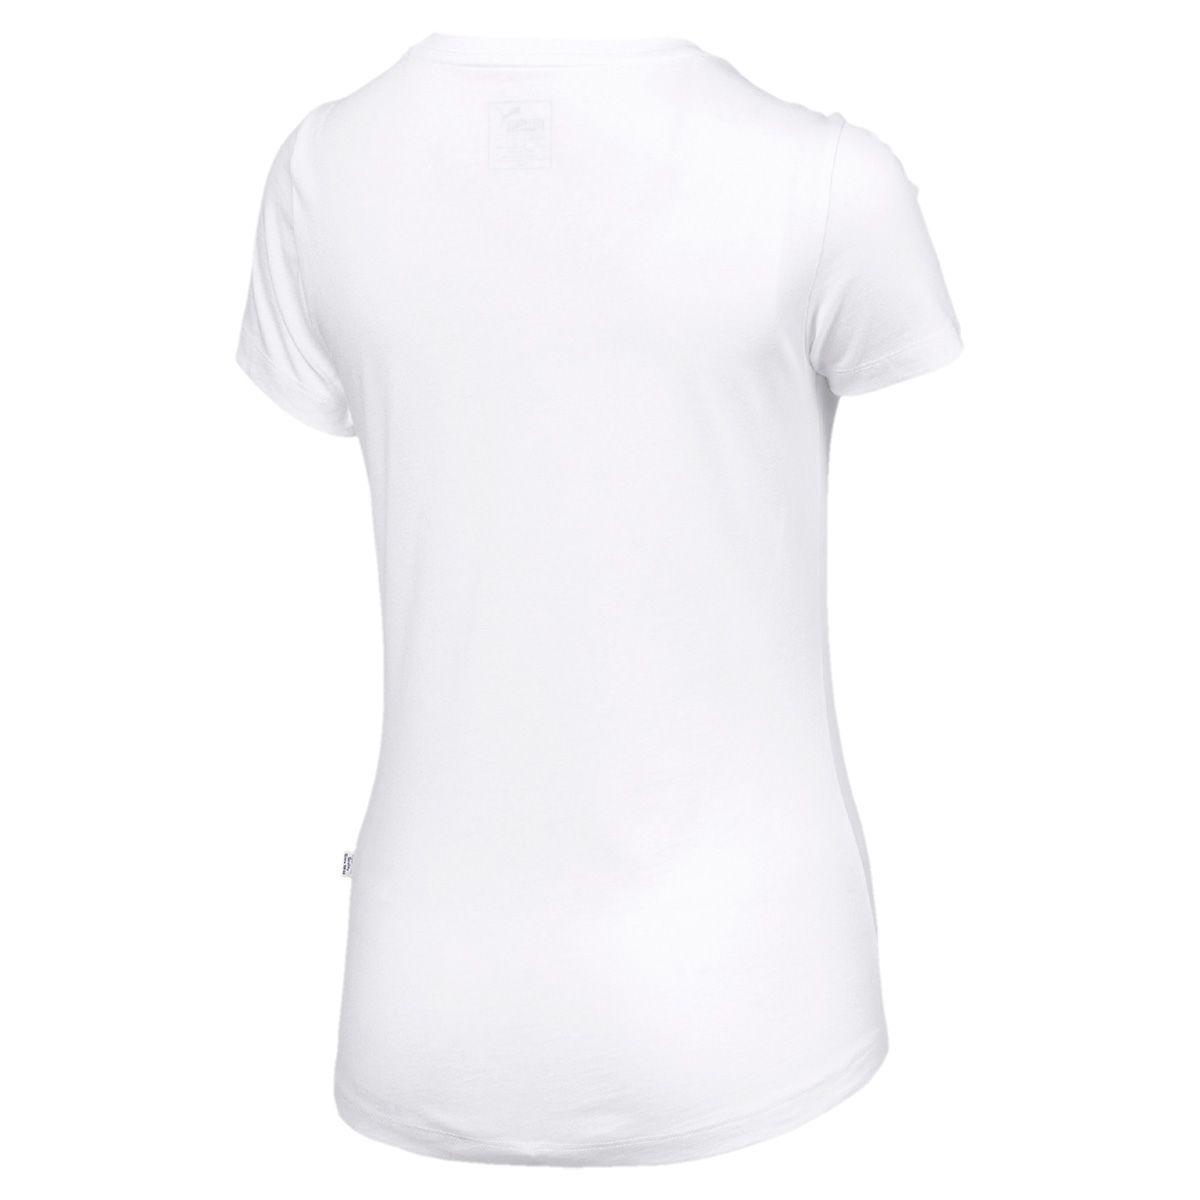 Camiseta Puma Essentlals Logo Feminina - Branca